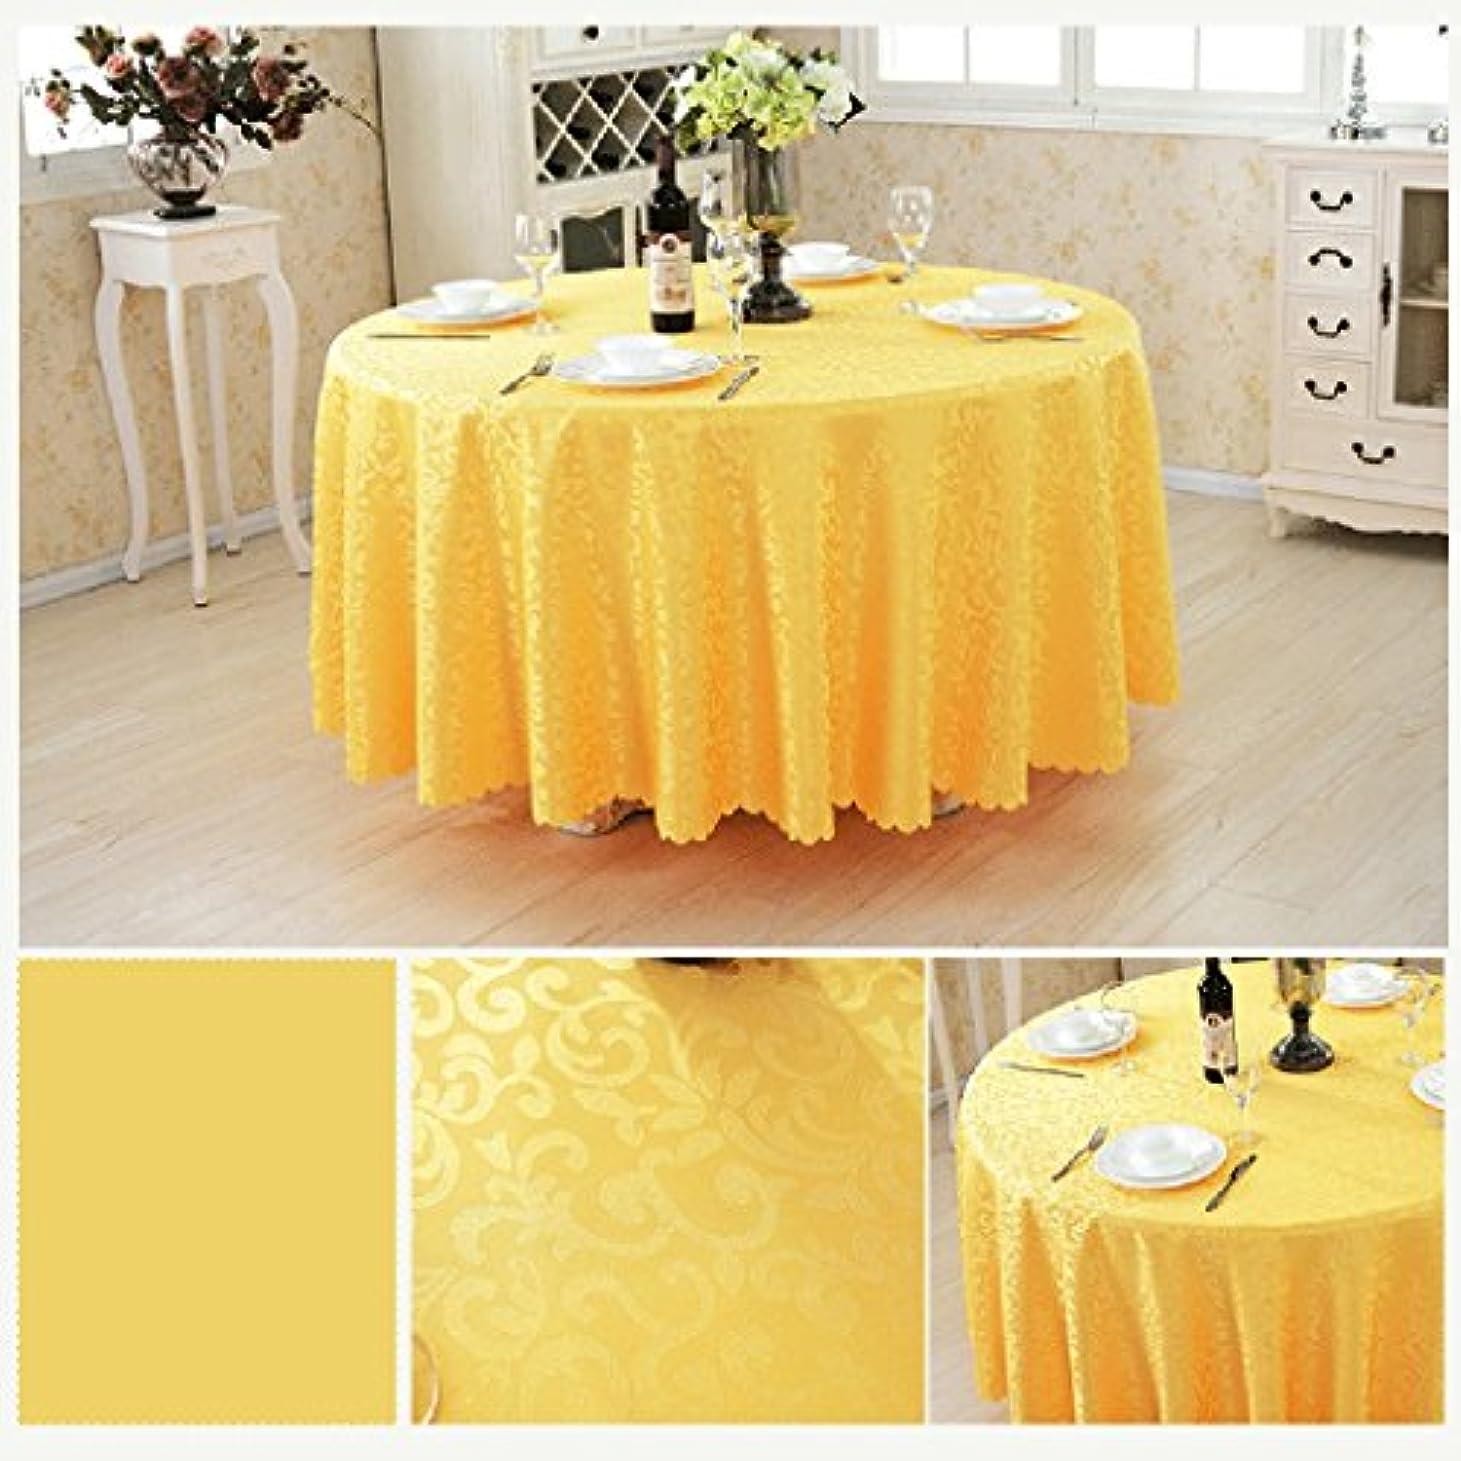 反対するアブストラクトかわいらしいDjyyh ラウンド化学繊維テーブルクロスヨーロッパスタイルのコーヒーテーブルレストランホテルのテーブルクロス幾何学模様様々なサイズ様々な色(62inch / 160cm-125inch / 320cm) (Color : Yellow, Size : Round 200cm)